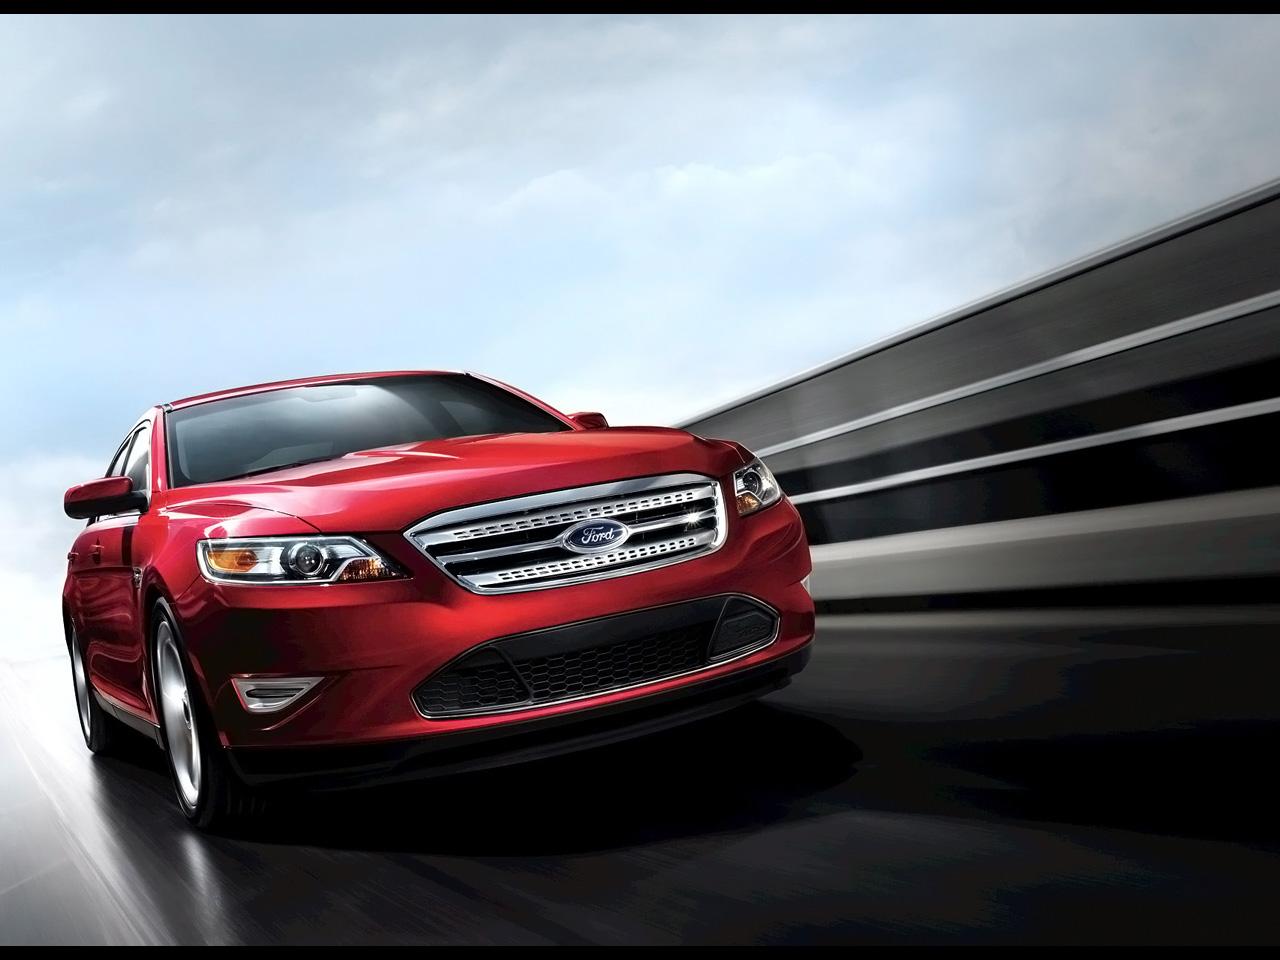 http://1.bp.blogspot.com/_GIlsuSZq_VM/TDsuQkG1QpI/AAAAAAAAjXo/kuz1wwMIbd0/s1600/2011+Ford+Taurus+SHO.jpg